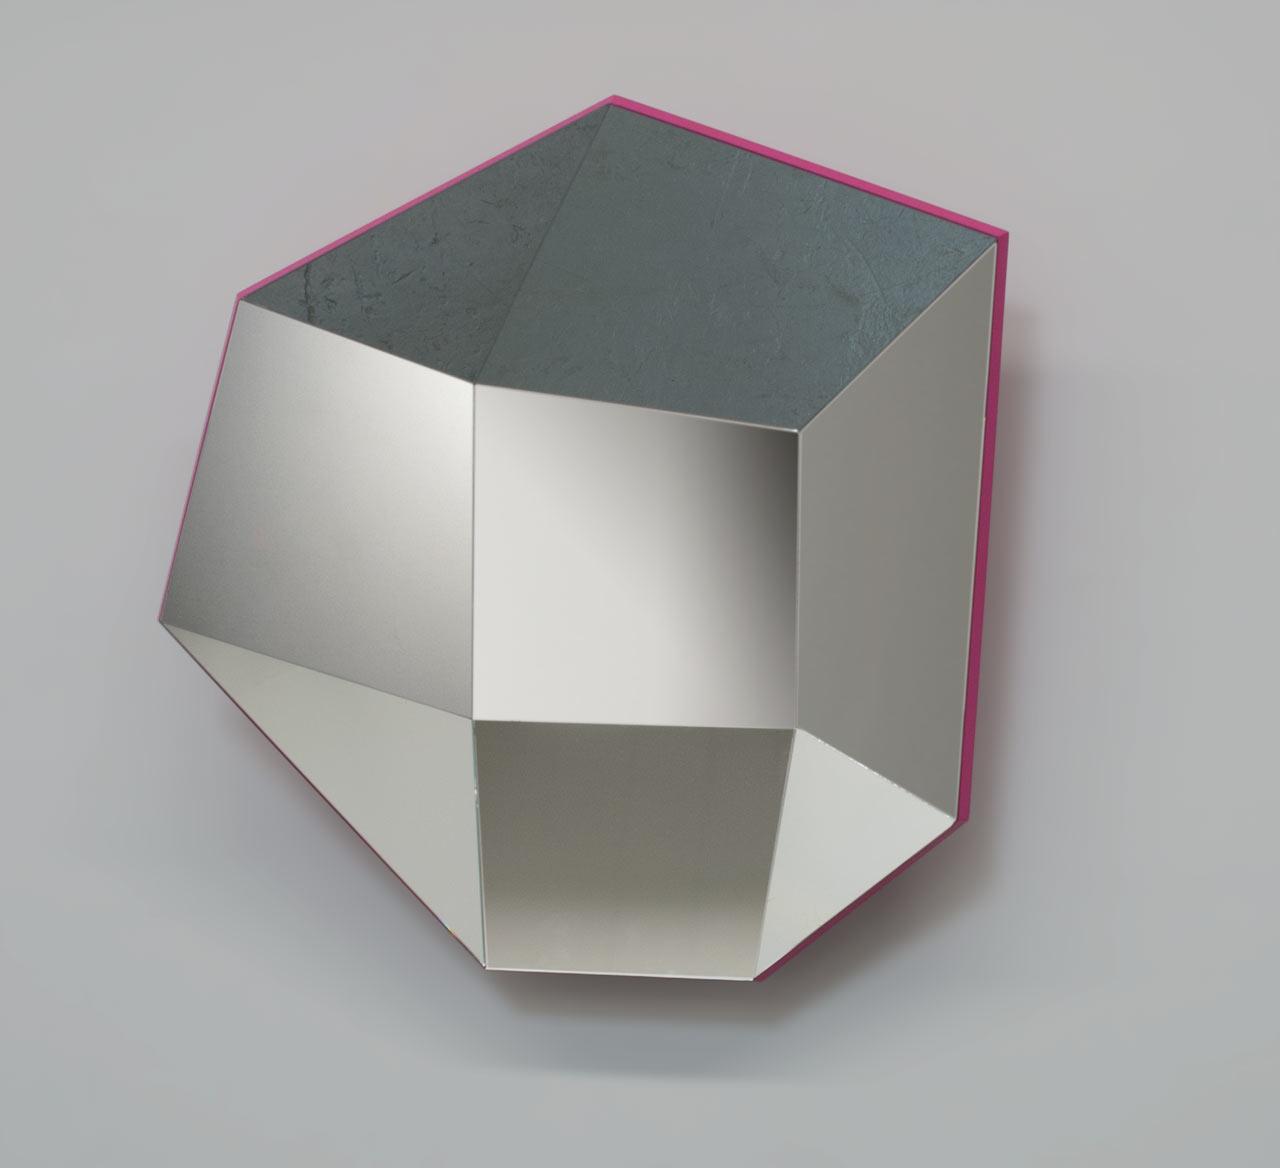 Stonefox-Architects-3D-Sculptural-Mirrors-hisheji (13)